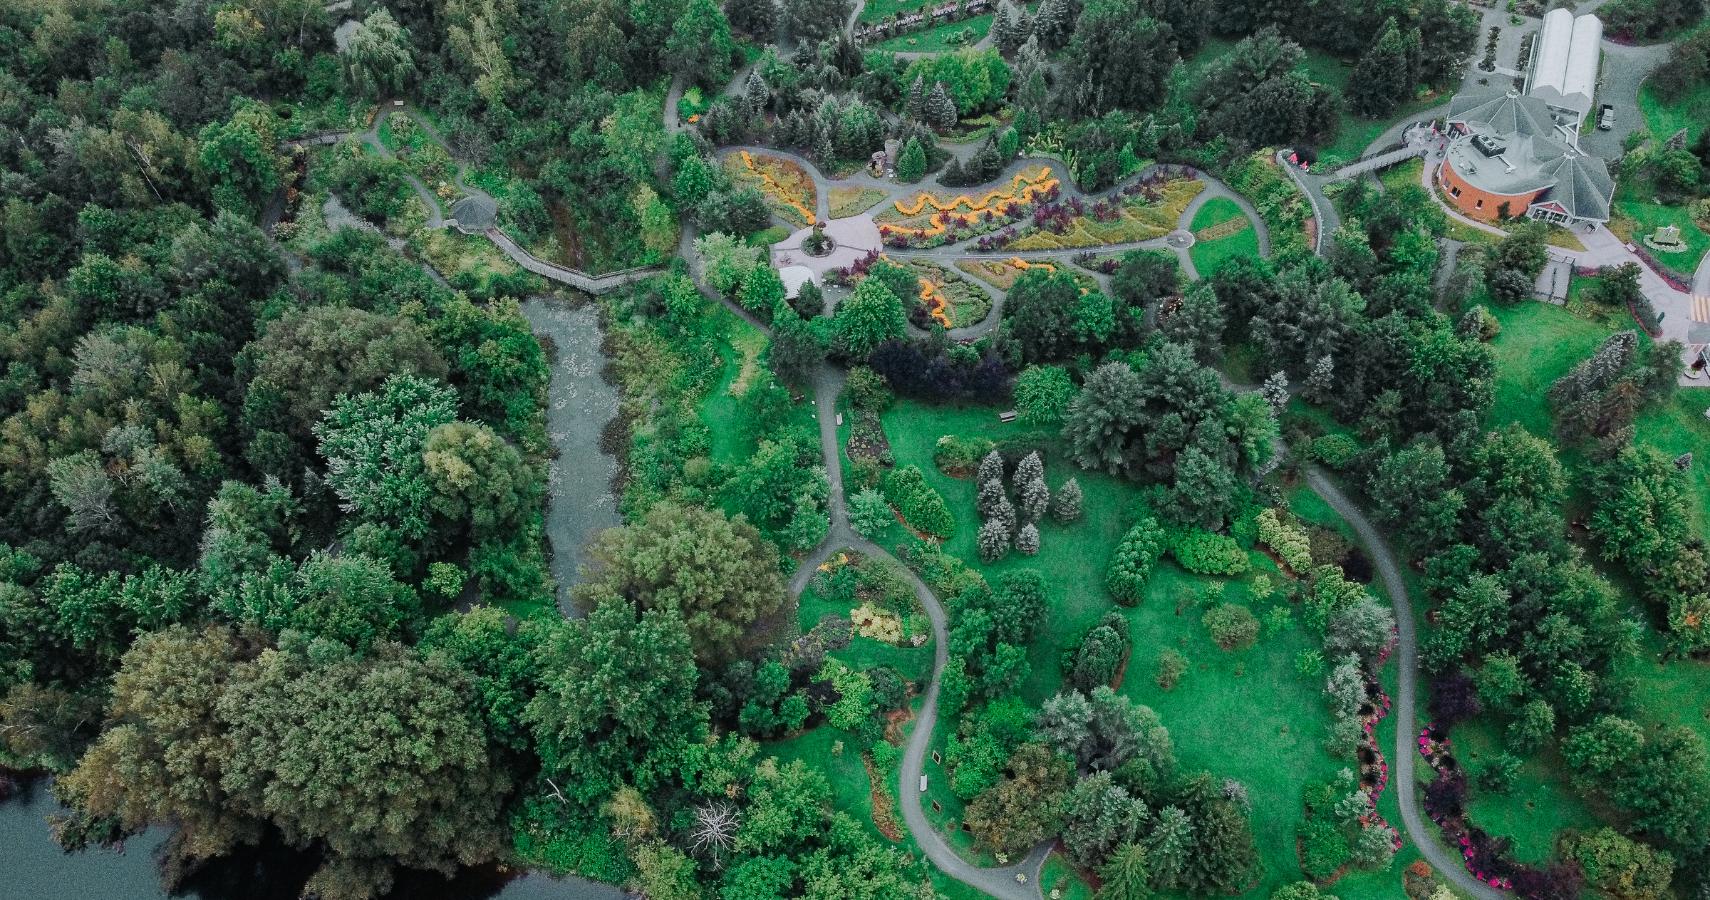 Le Parc Marie-Victorin c'est 6 jardins thématiques, une serre tropicale, des mosaïcultures et tellement plus - Crédit photo: Les Maximes